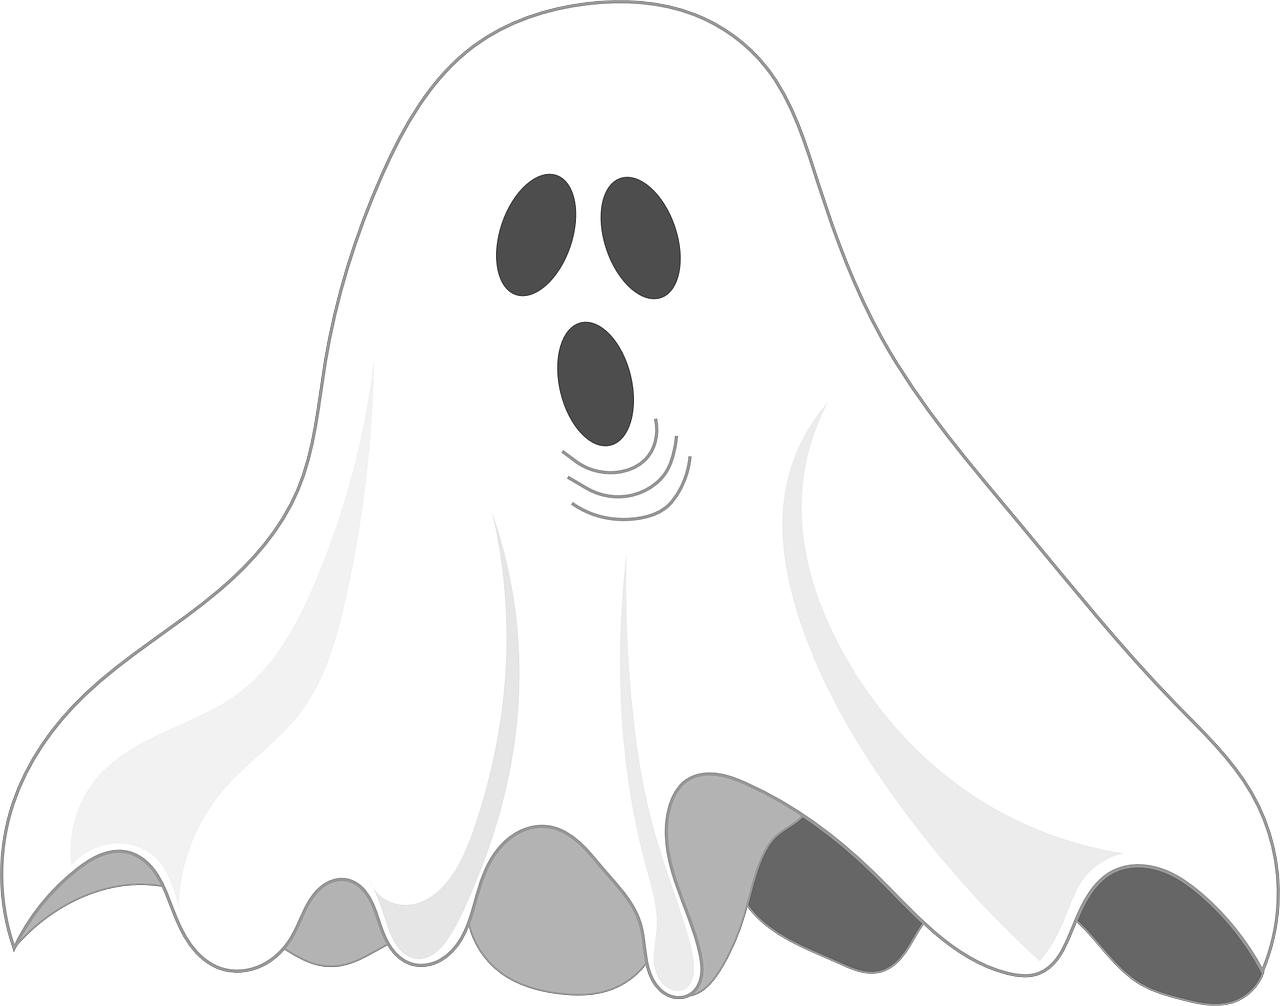 zagadka o duchach zagadki dla dzieci logiczne i śmieszne